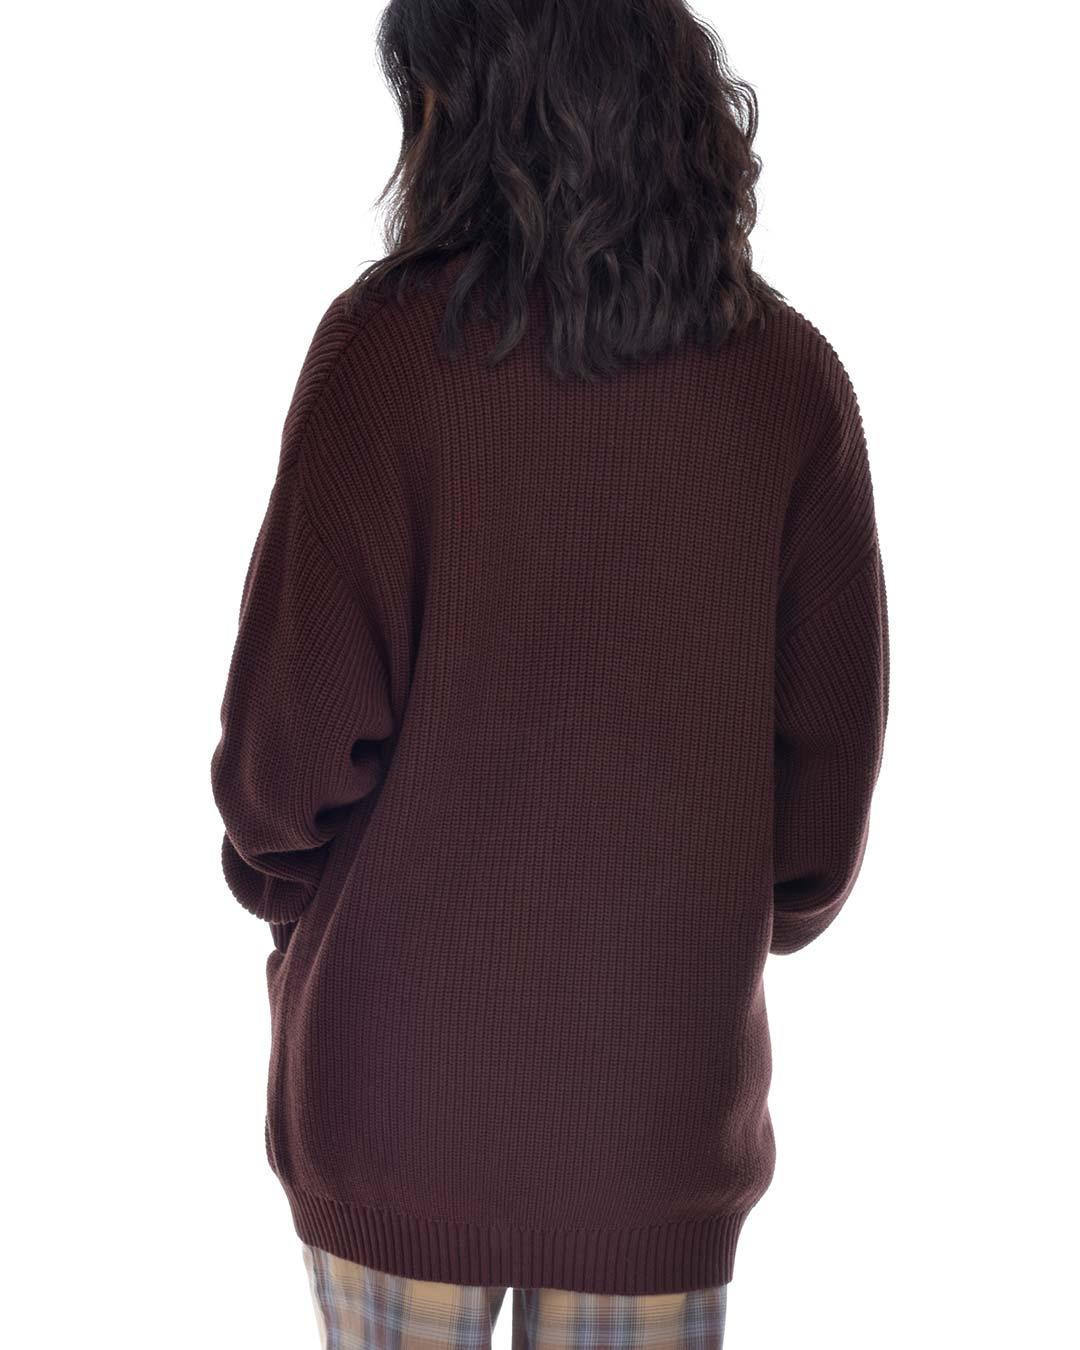 paper-label-opal-cardigan-espresso-back-dianes-lingerie-vancouver-1080x1350